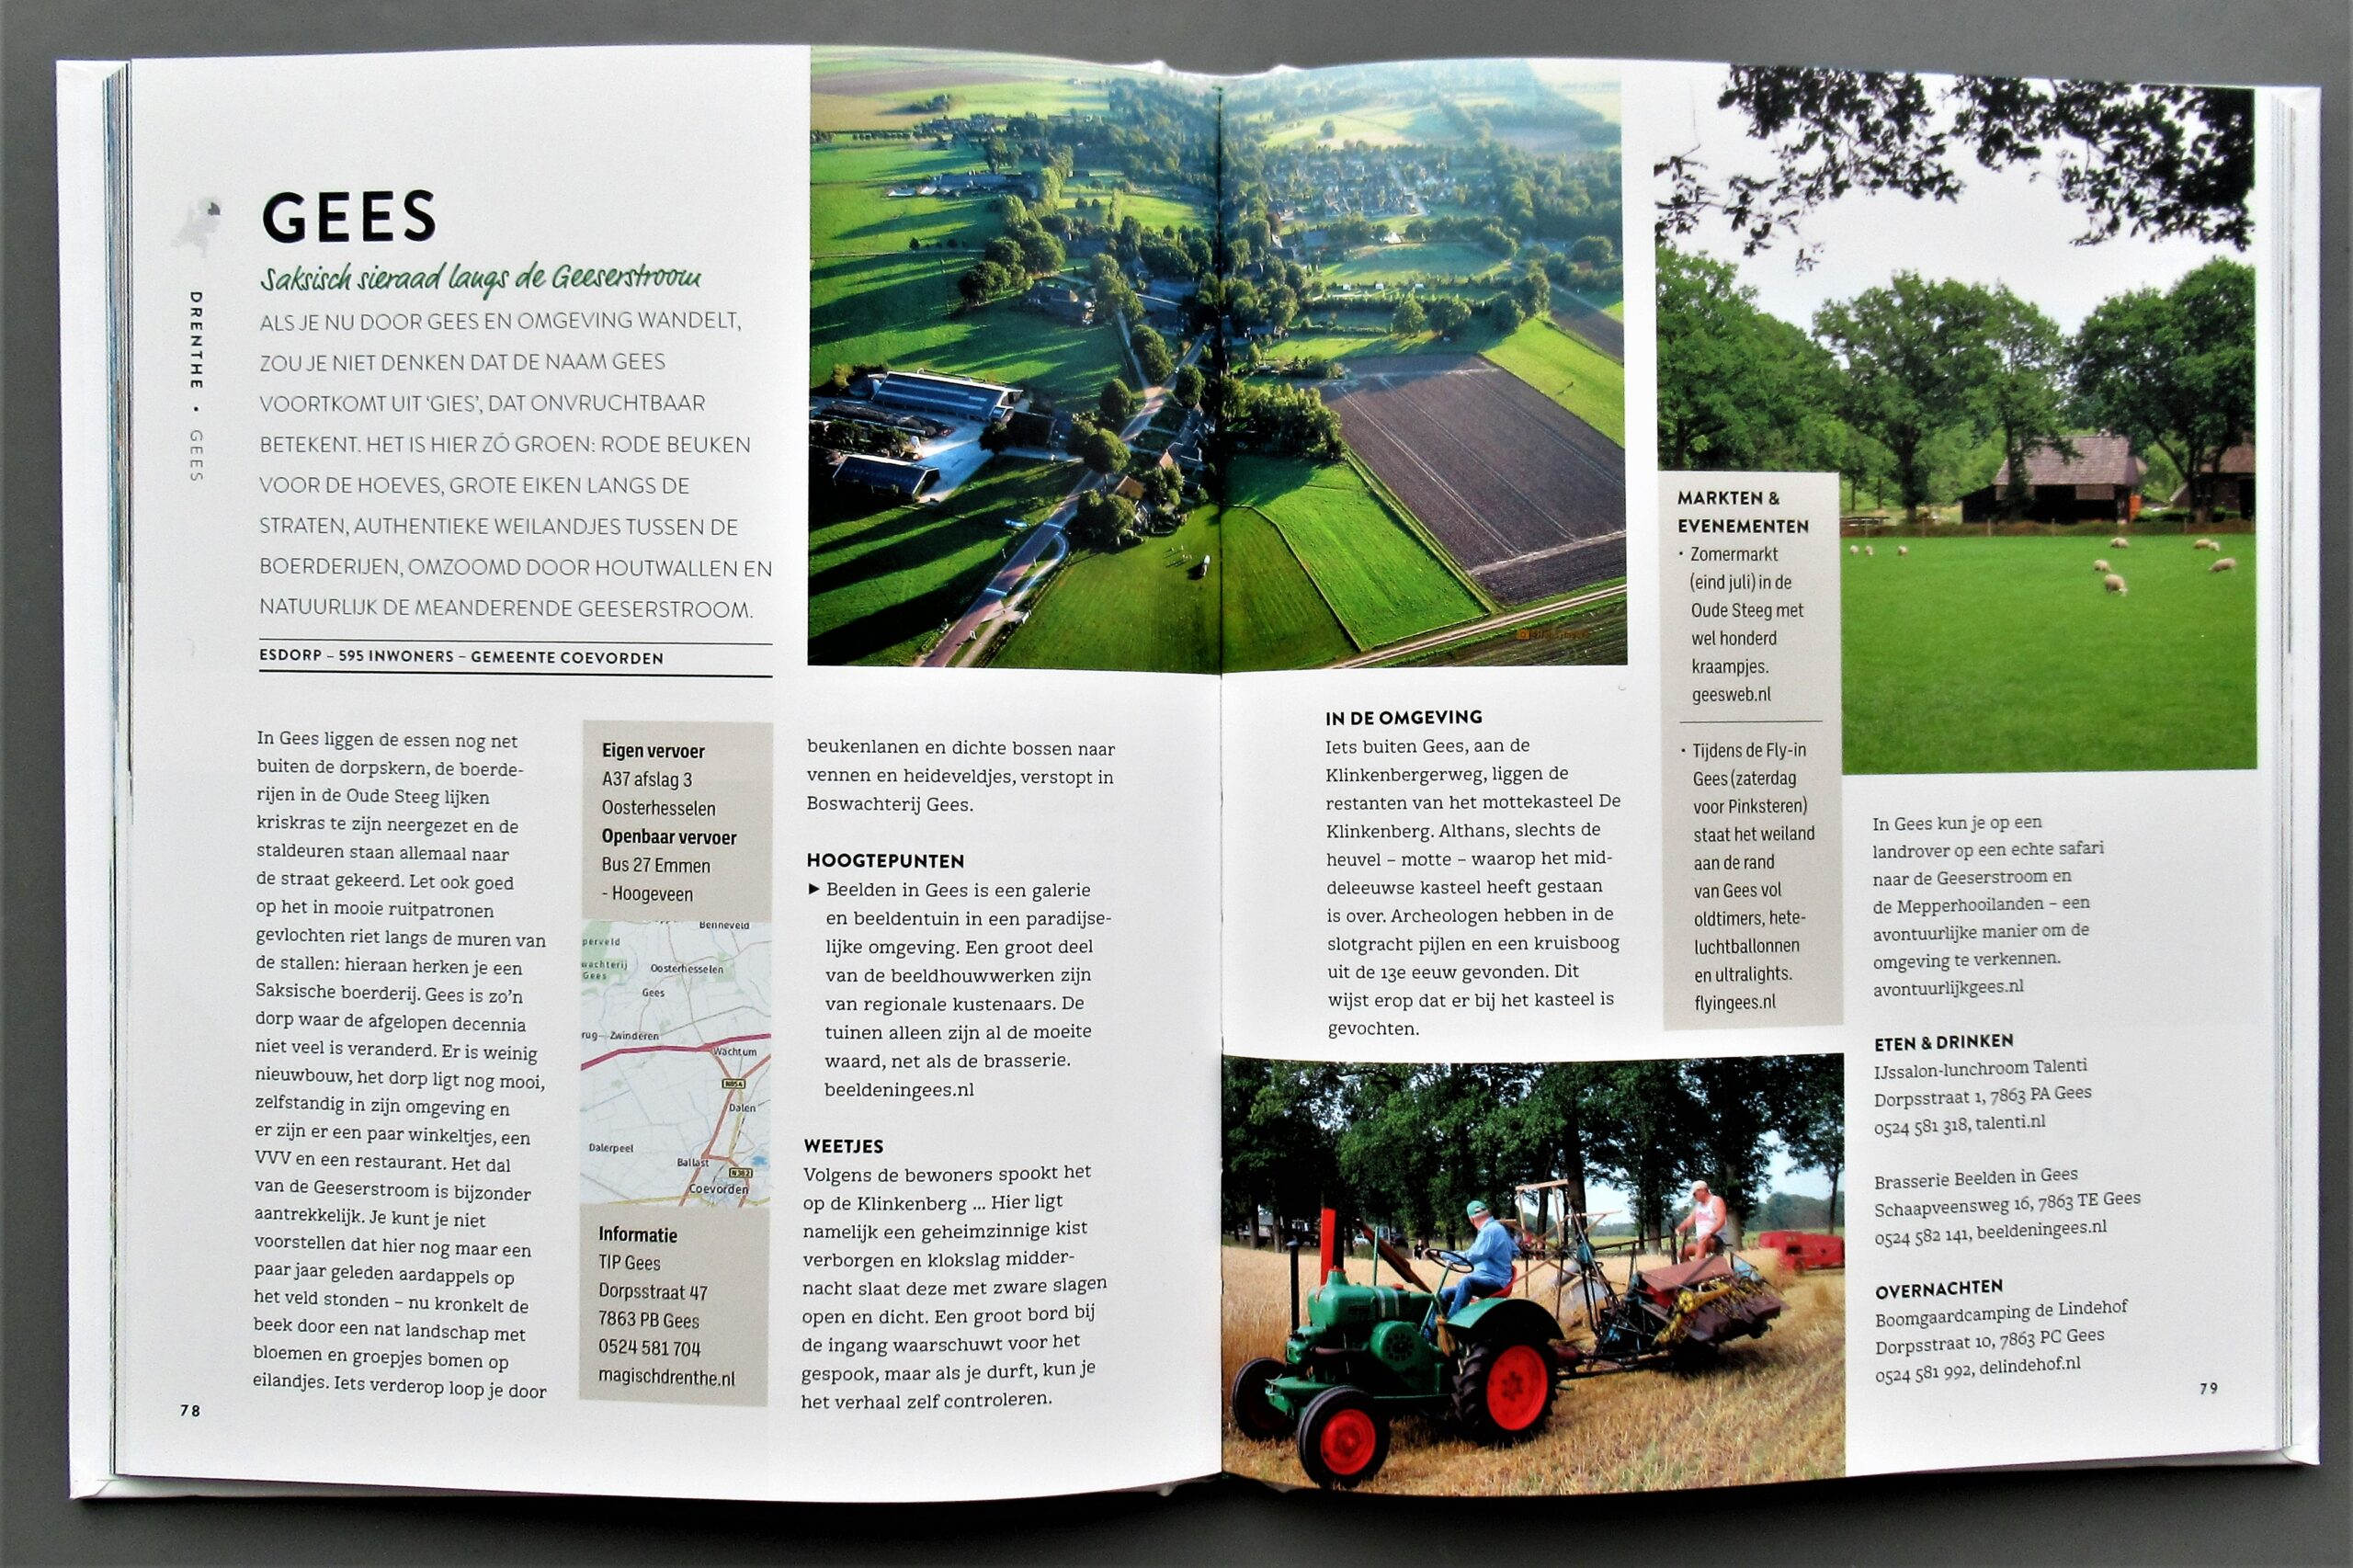 artikel over Gees in boek allermooiste dorp